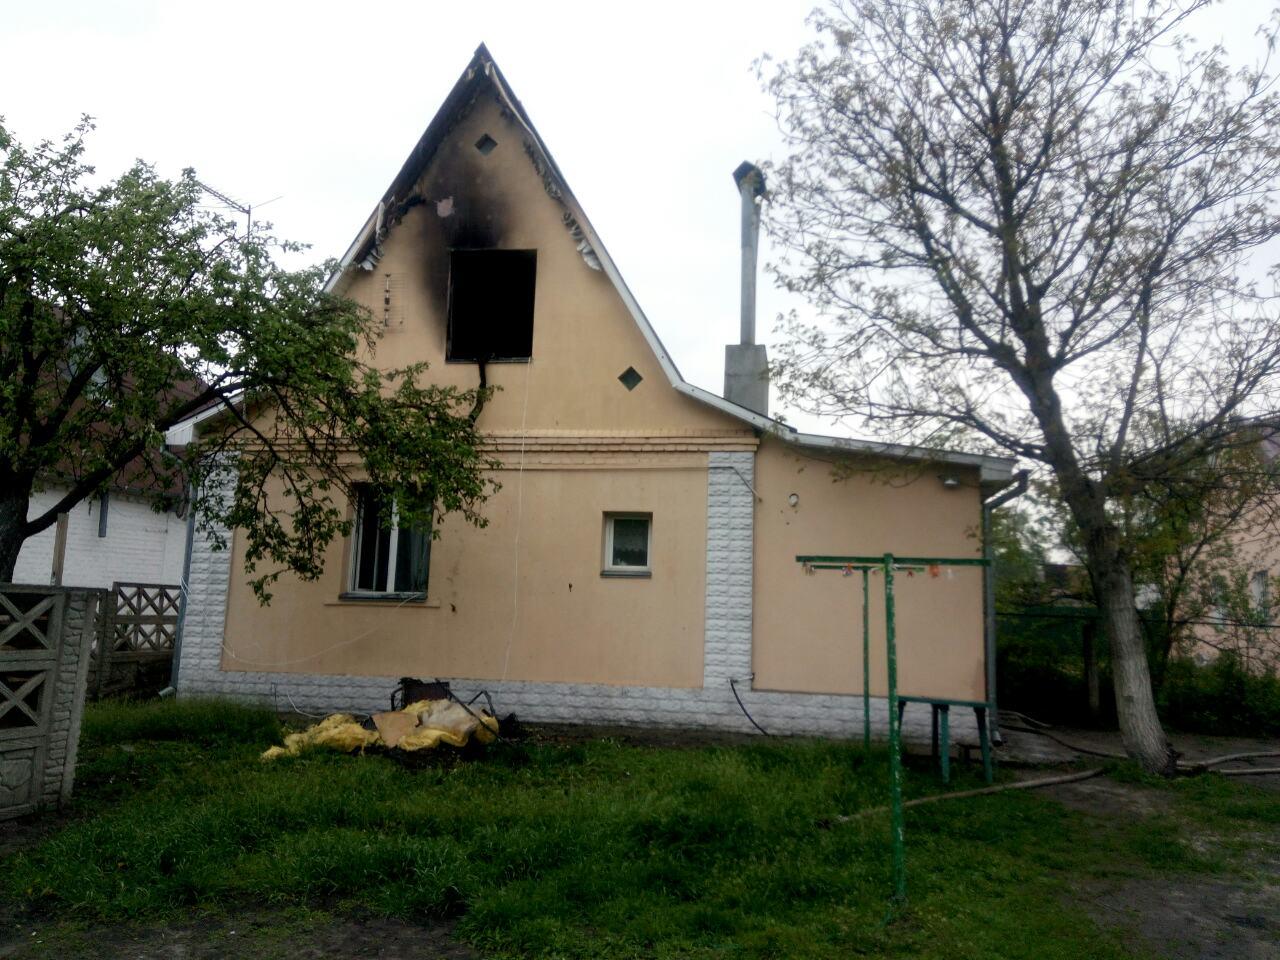 Smert-dyt-2 Подробиці трагедії в Ірпені: незряча дівчинка померла від отруєння чадним газом